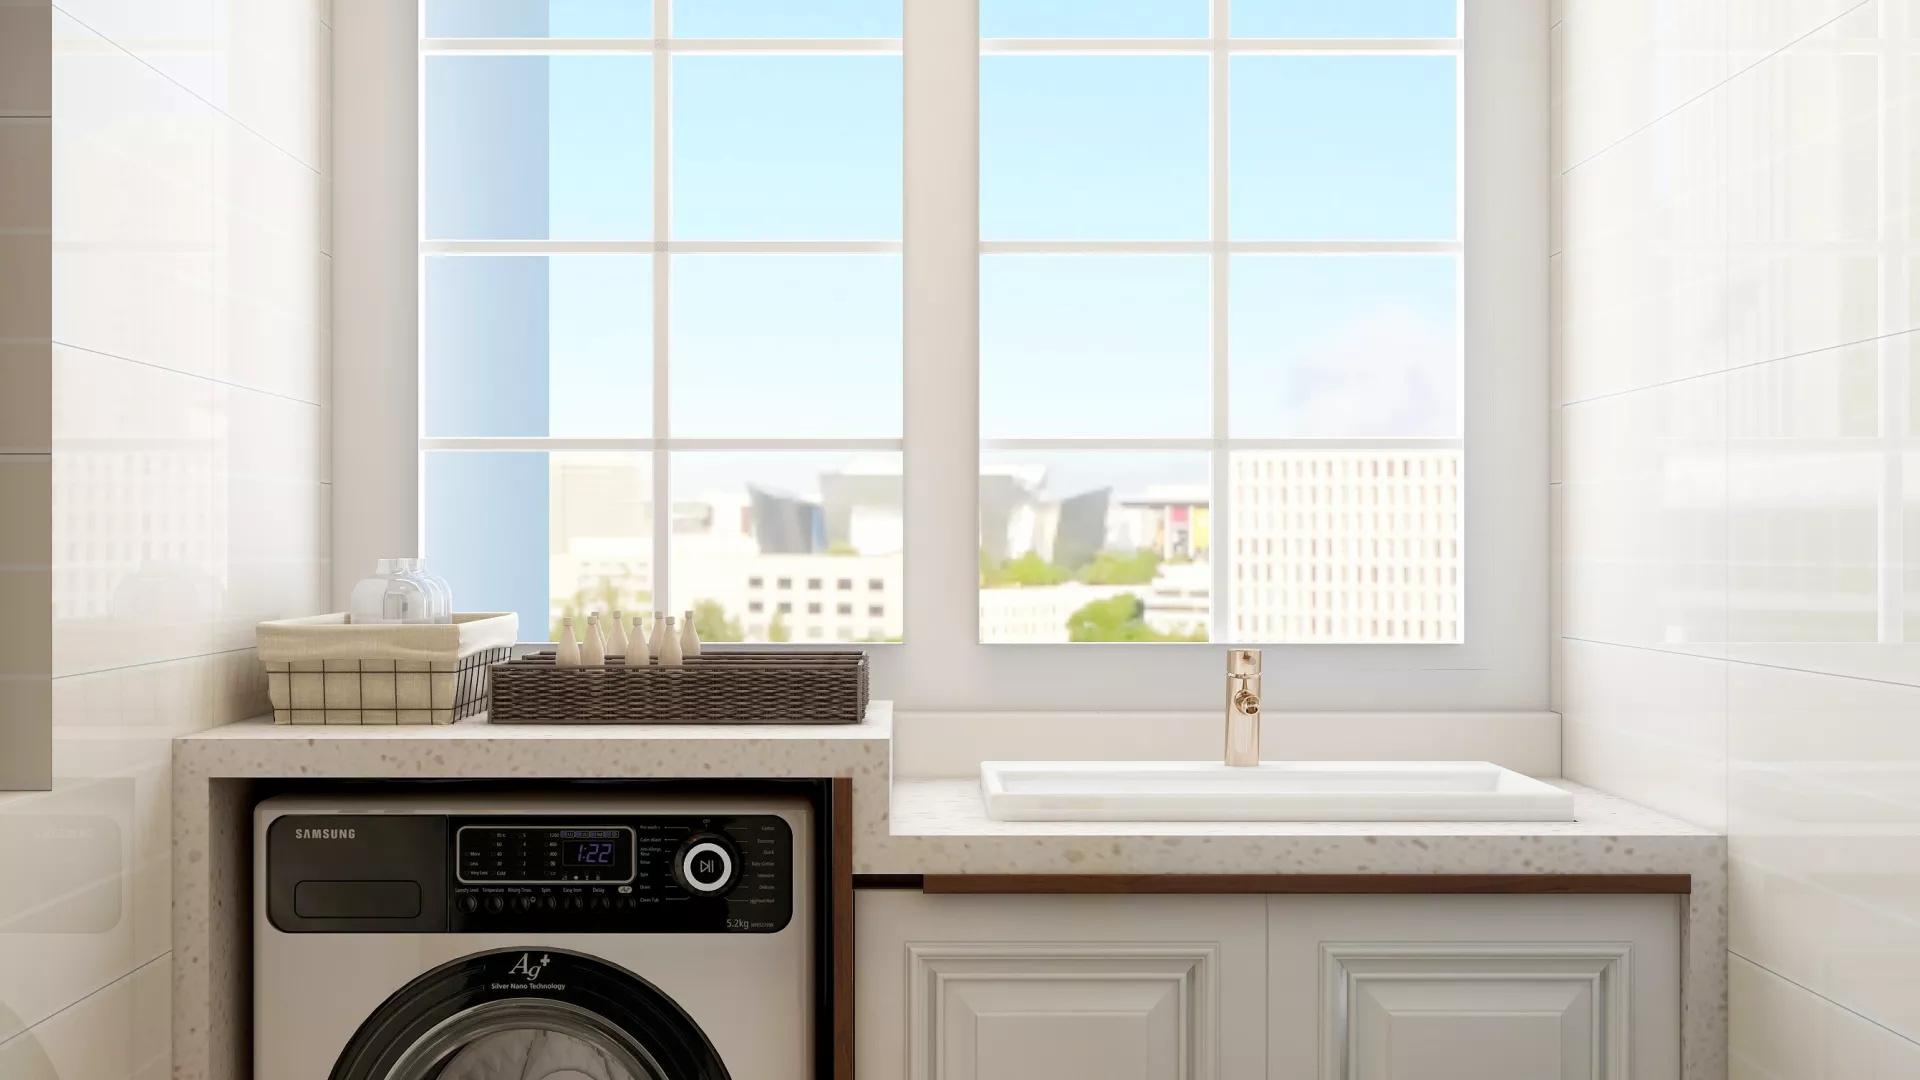 简洁现代厨房清新装修设计